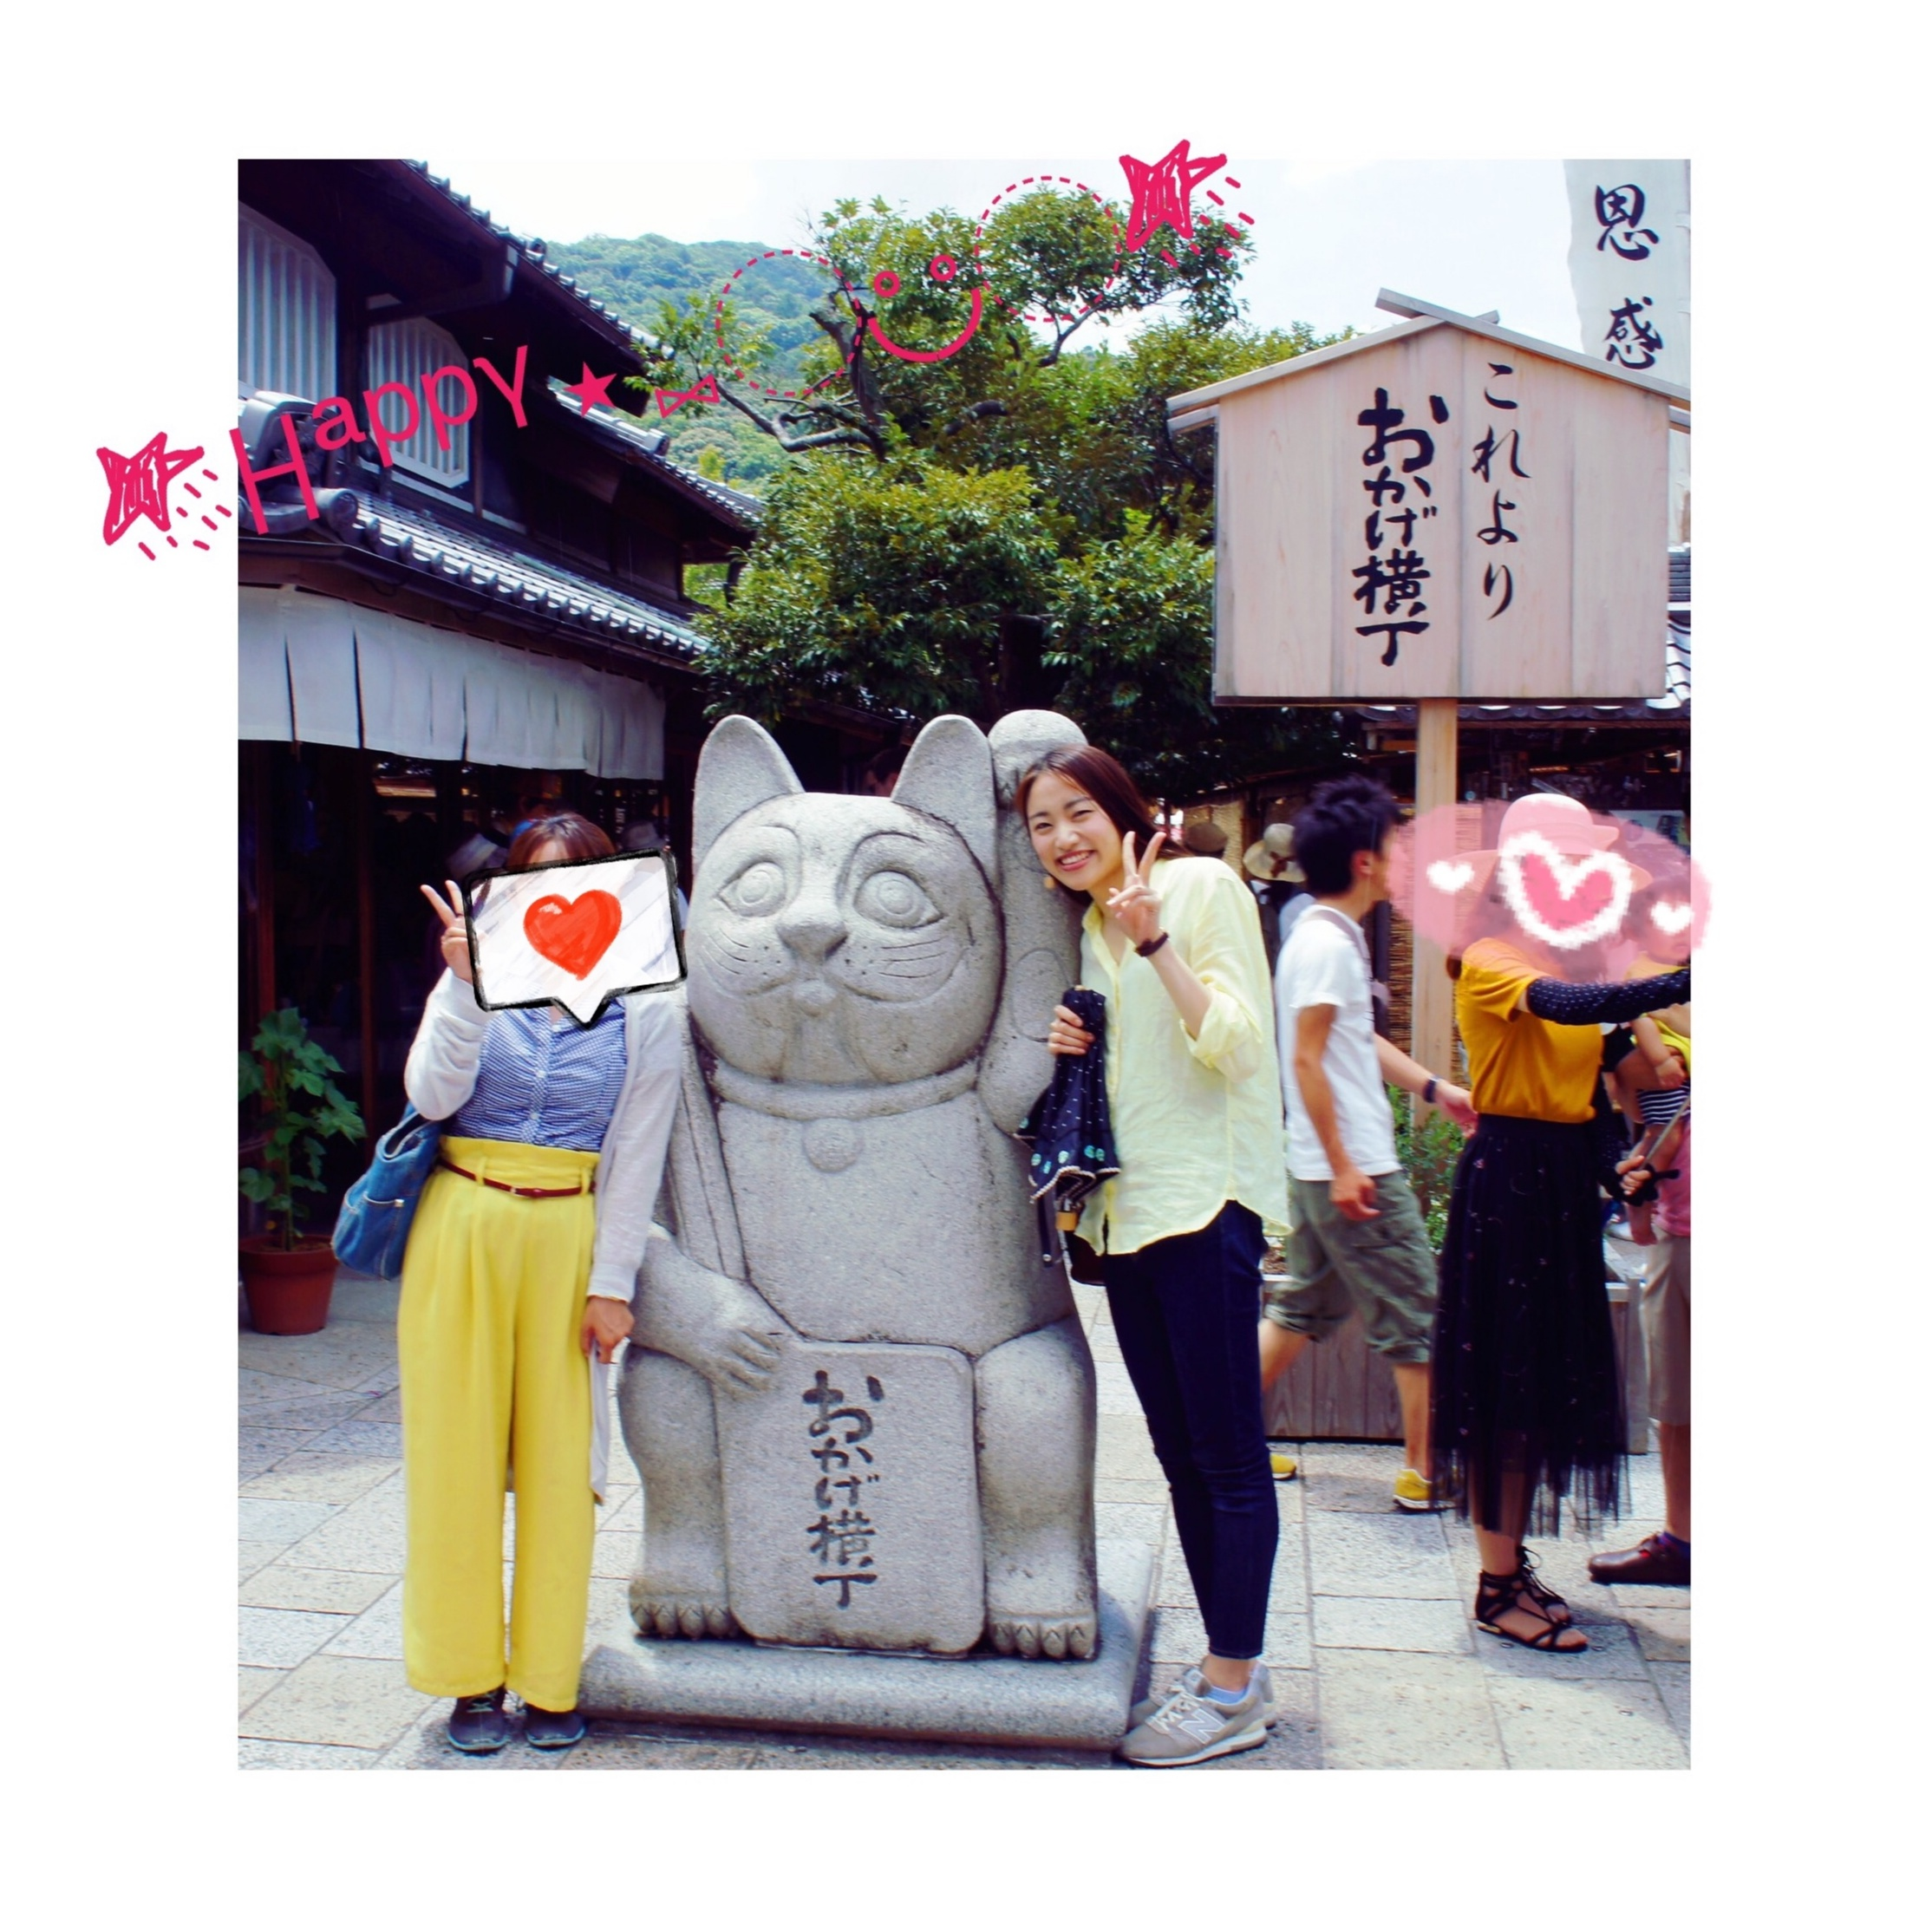 《ご当地MORE❤️伊勢-part 2-》【日帰り満喫!女子旅】おかげ横丁散策&花火大会レポート☺︎_2